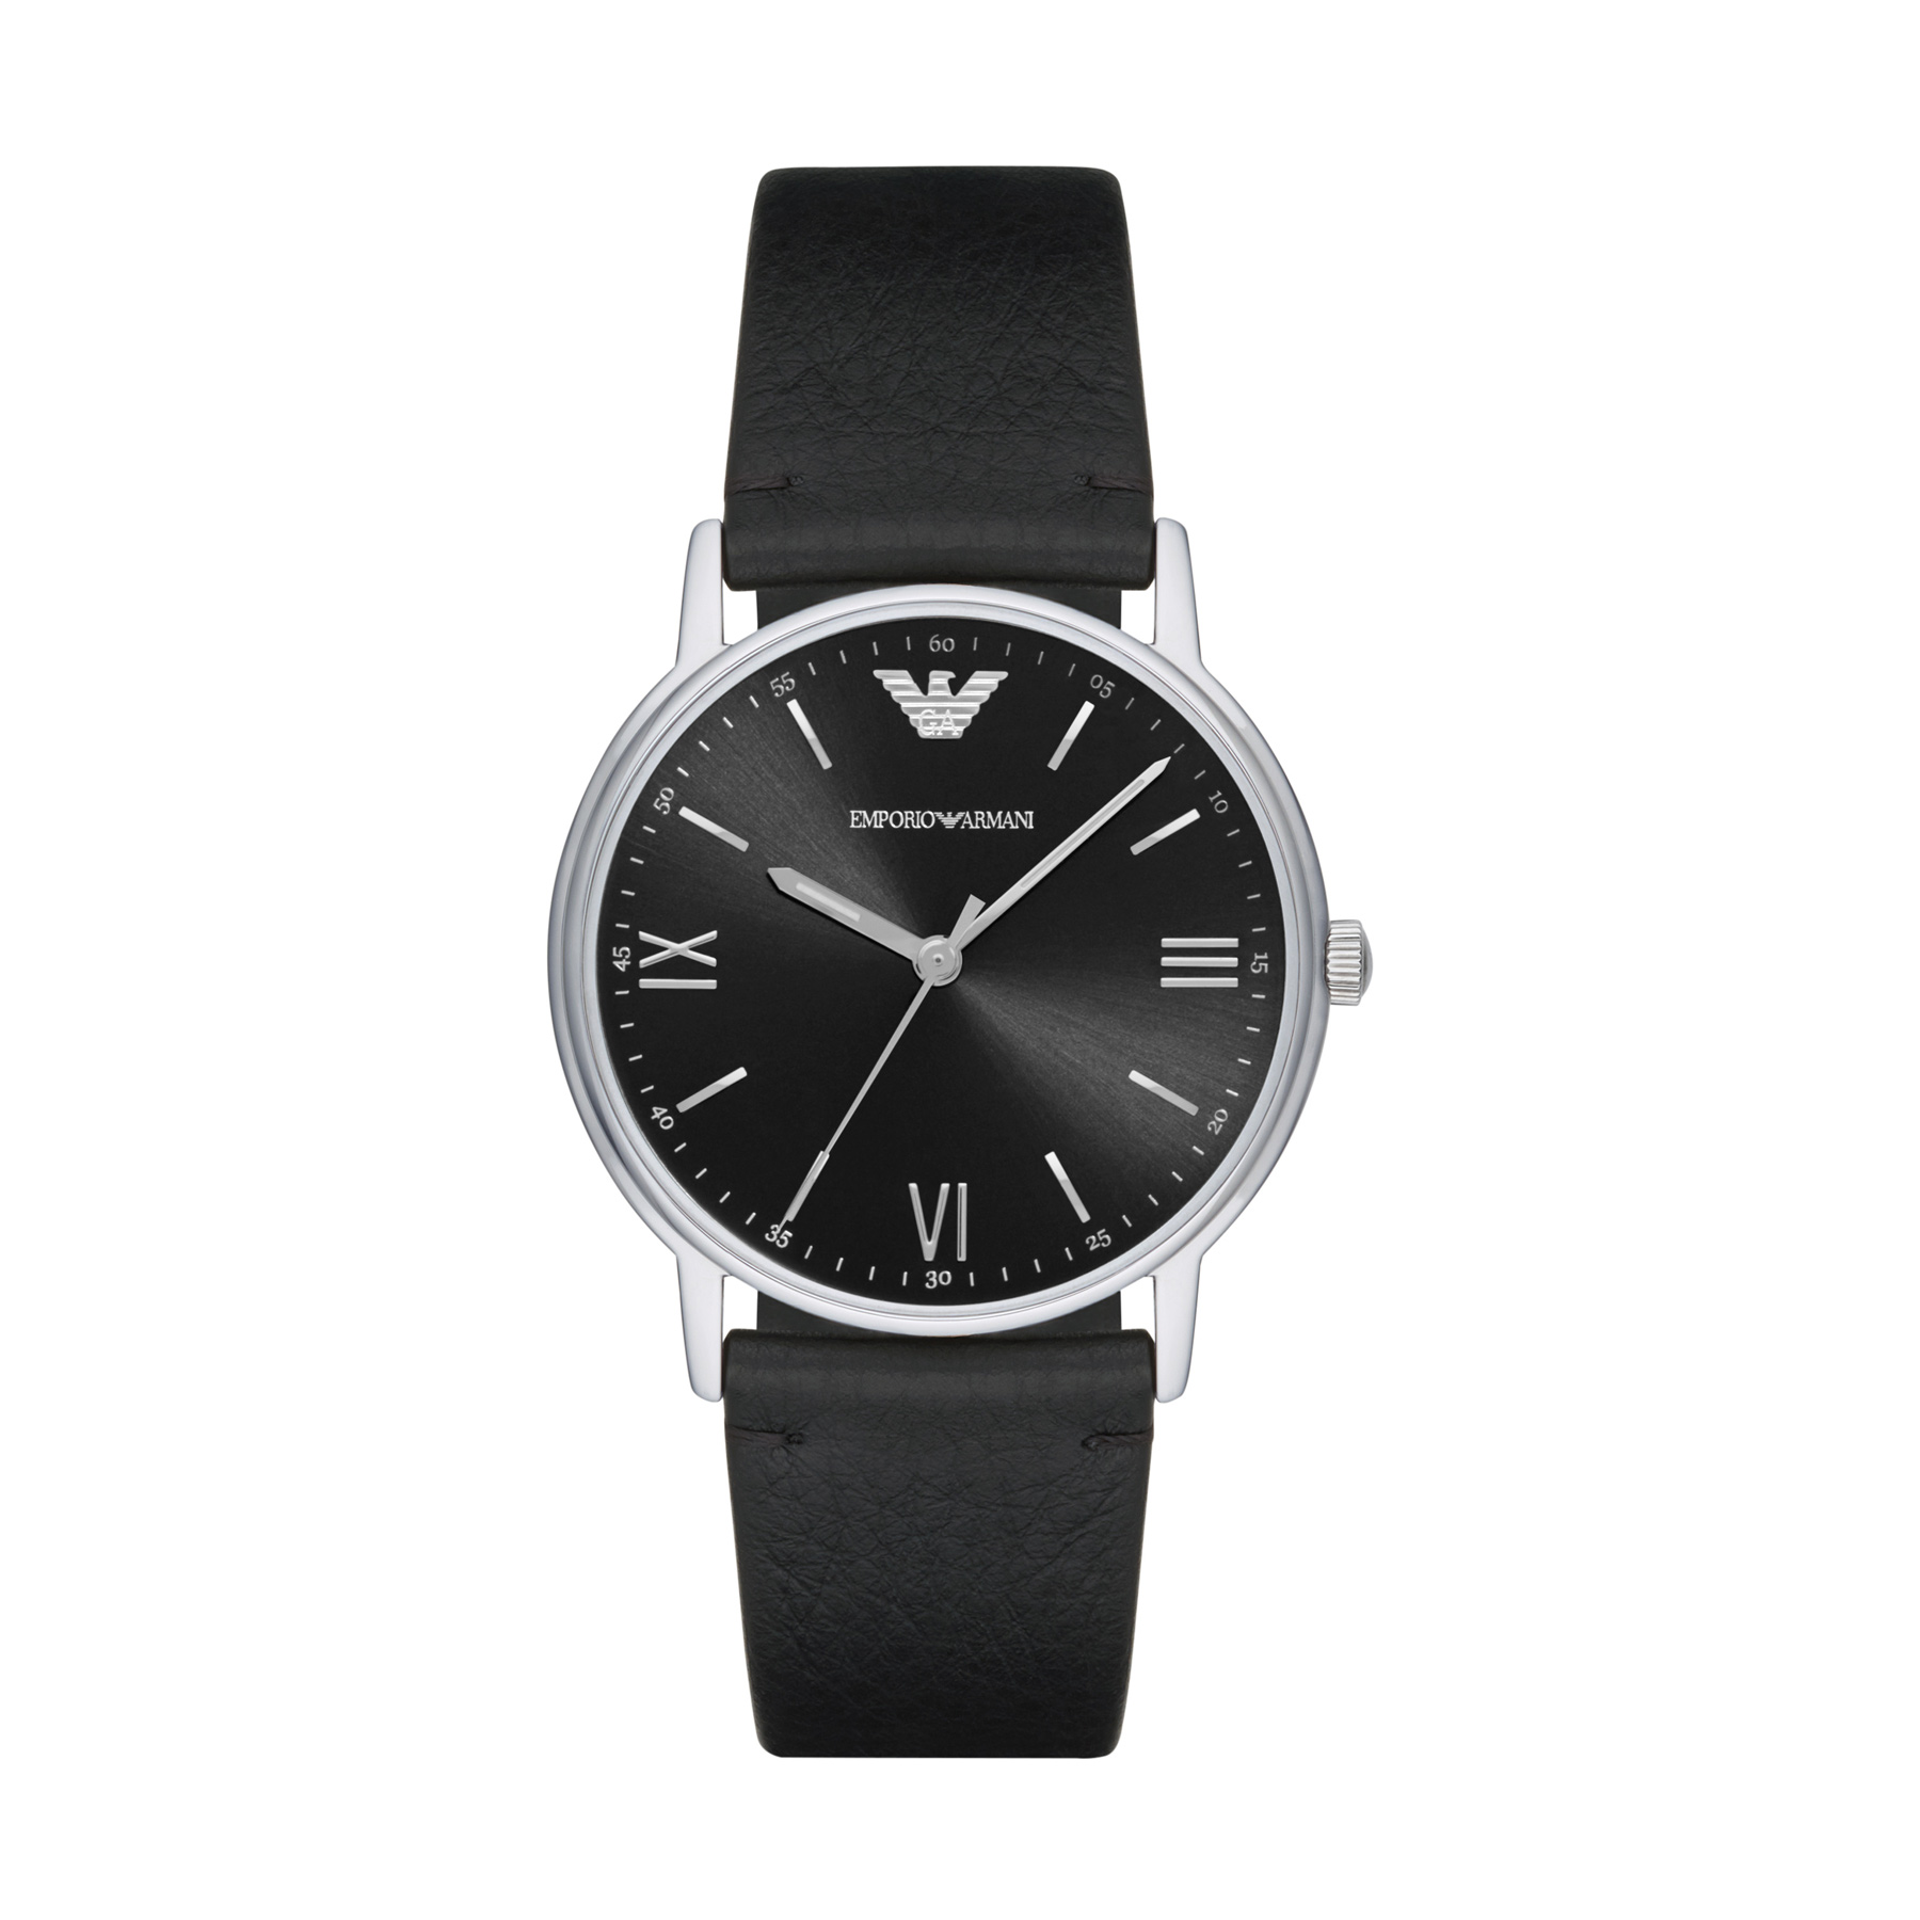 1386aeec401 ... Relógio EMPORIO ARMANI AR11013. Adicionar à Lista de Desejos Remover da  Lista de Desejos